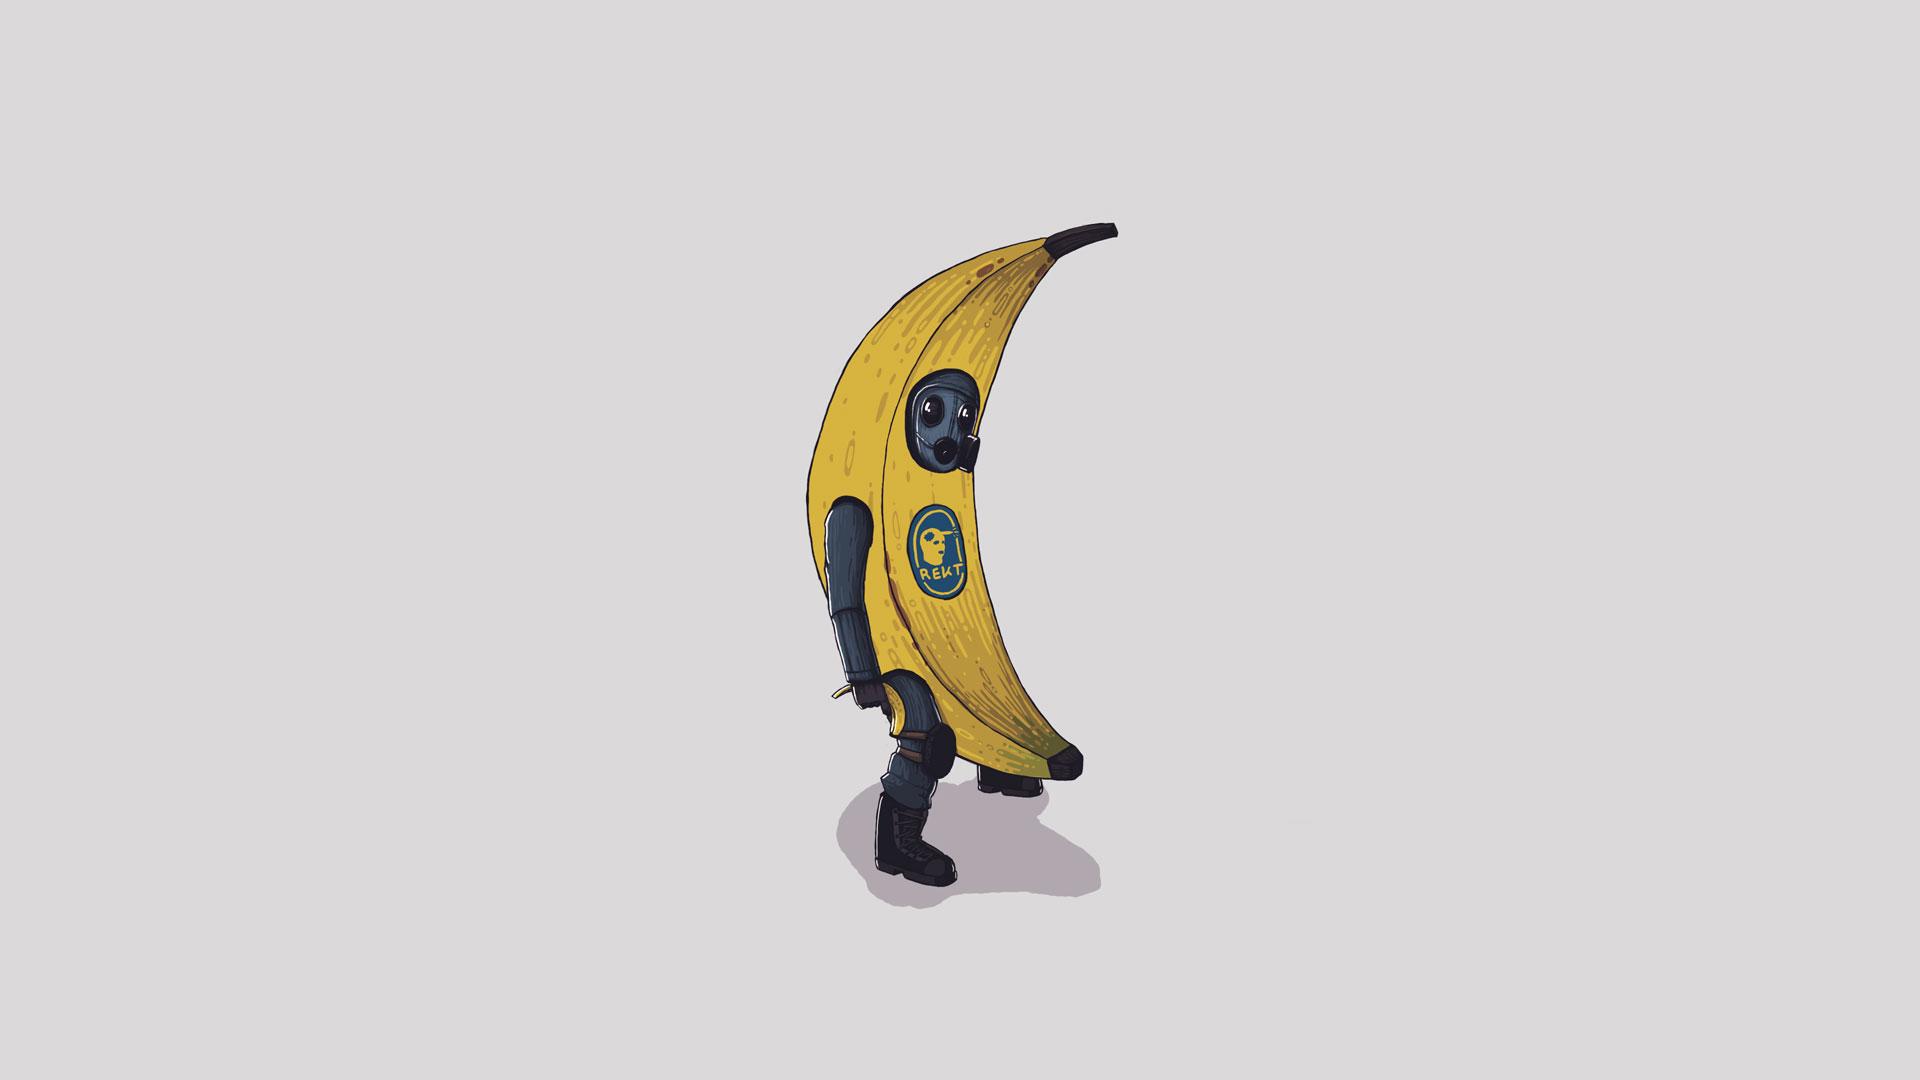 Csgo banana плагин звания для сервера кс го